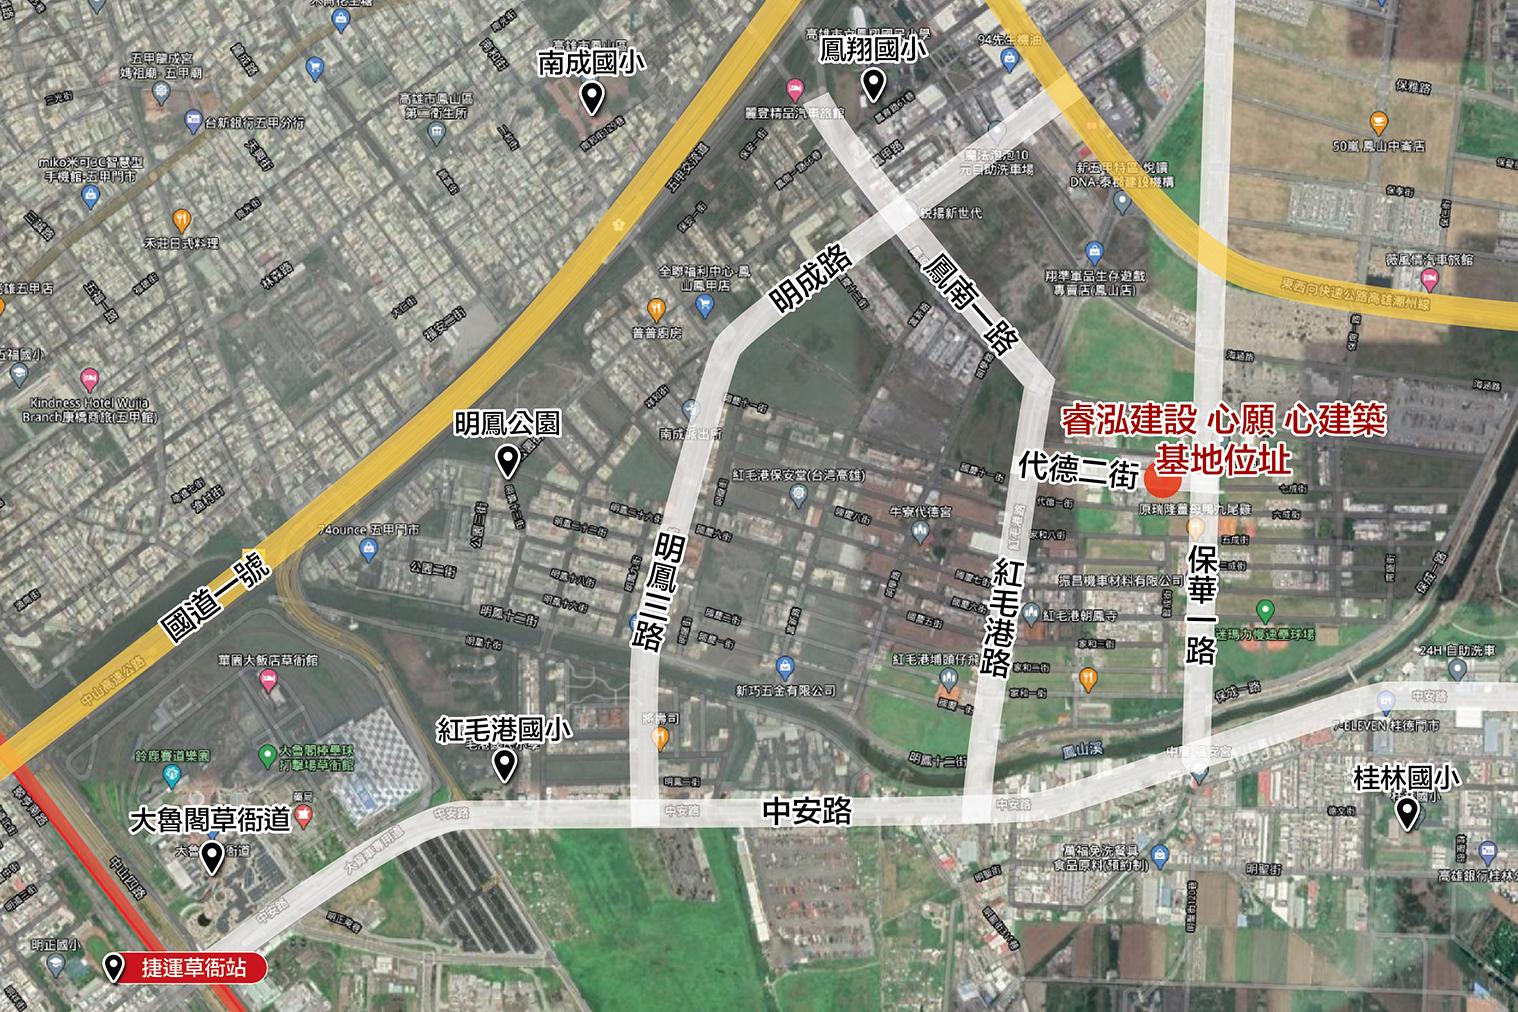 圖片:高雄鳳山明星學區捷運宅—睿泓建設「心願 心建築」